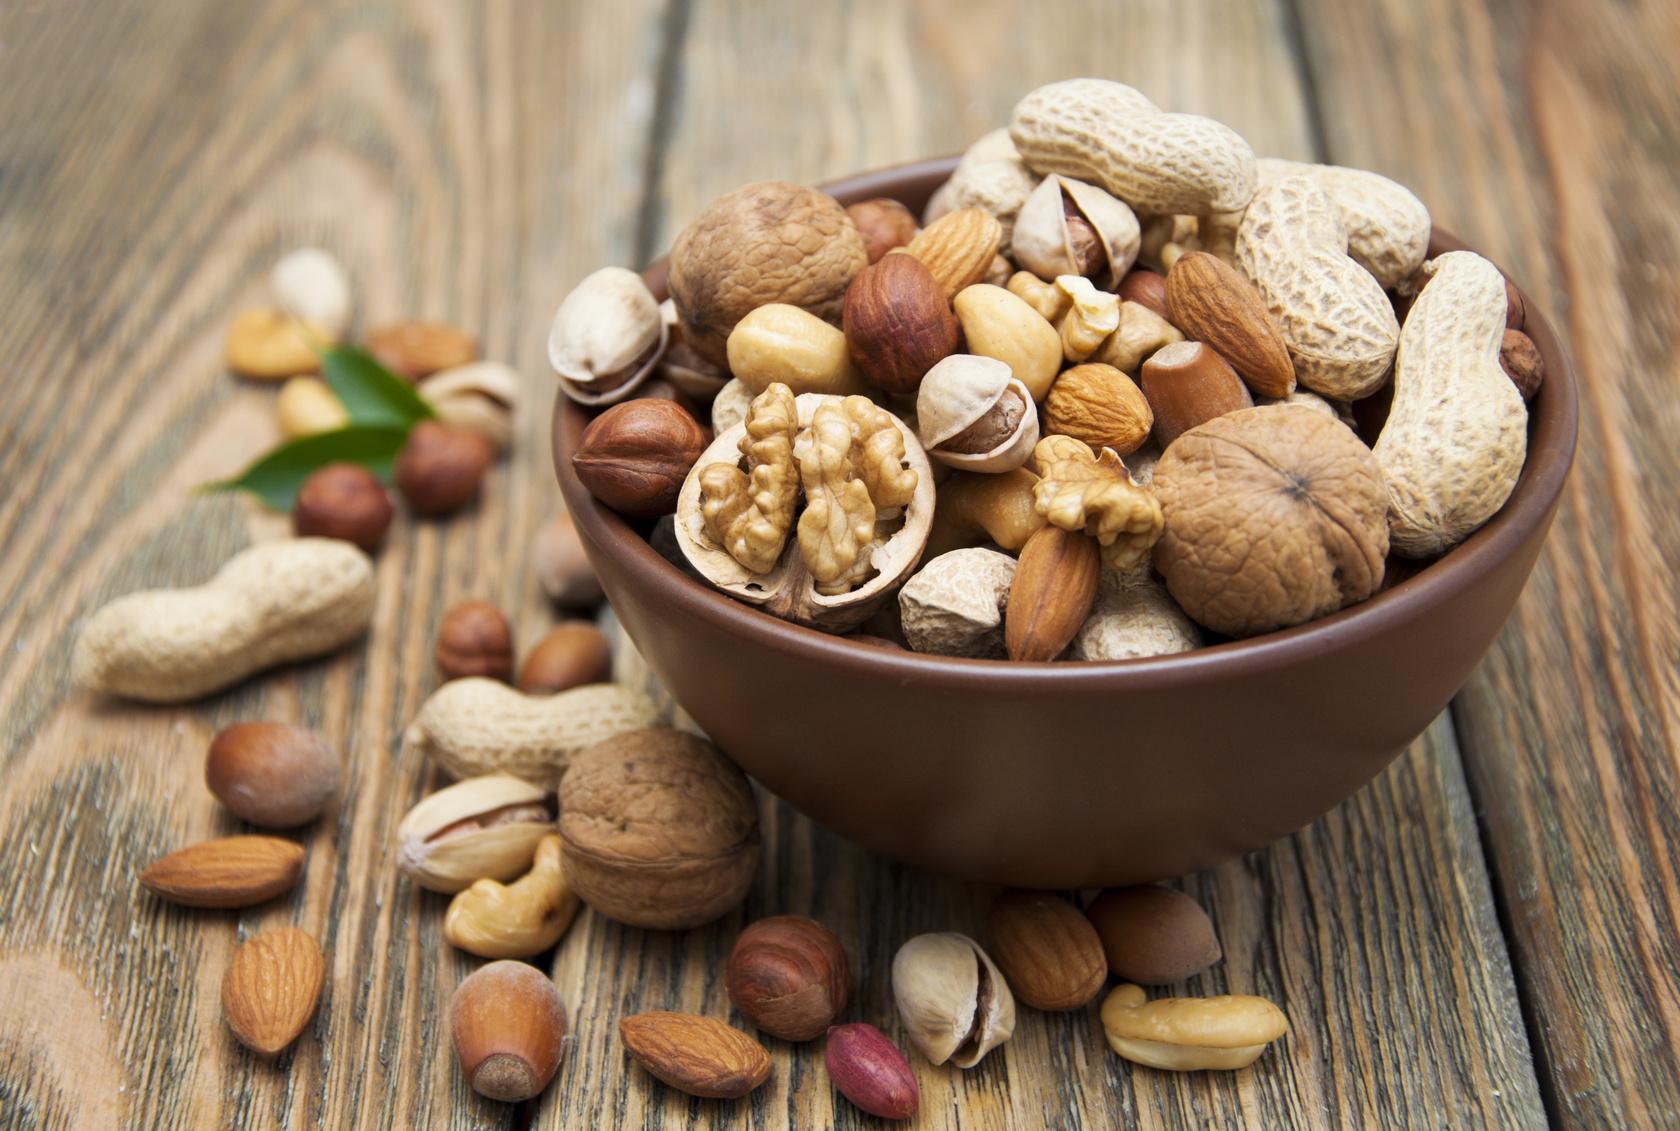 Vorteile von Nüssen zum Abnehmen